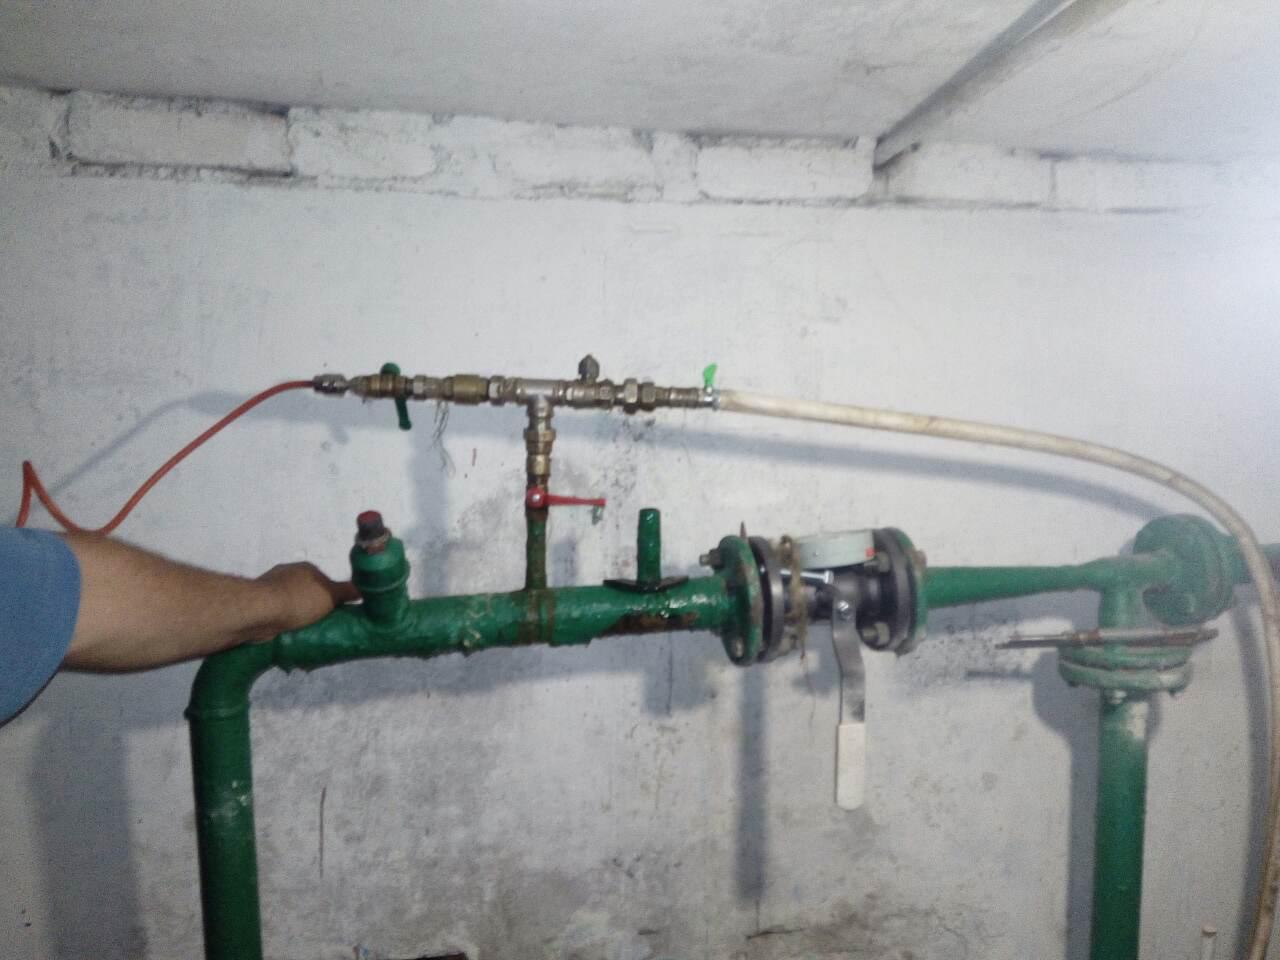 Опрессовка системы отопления: назначение и порядок проведения работ